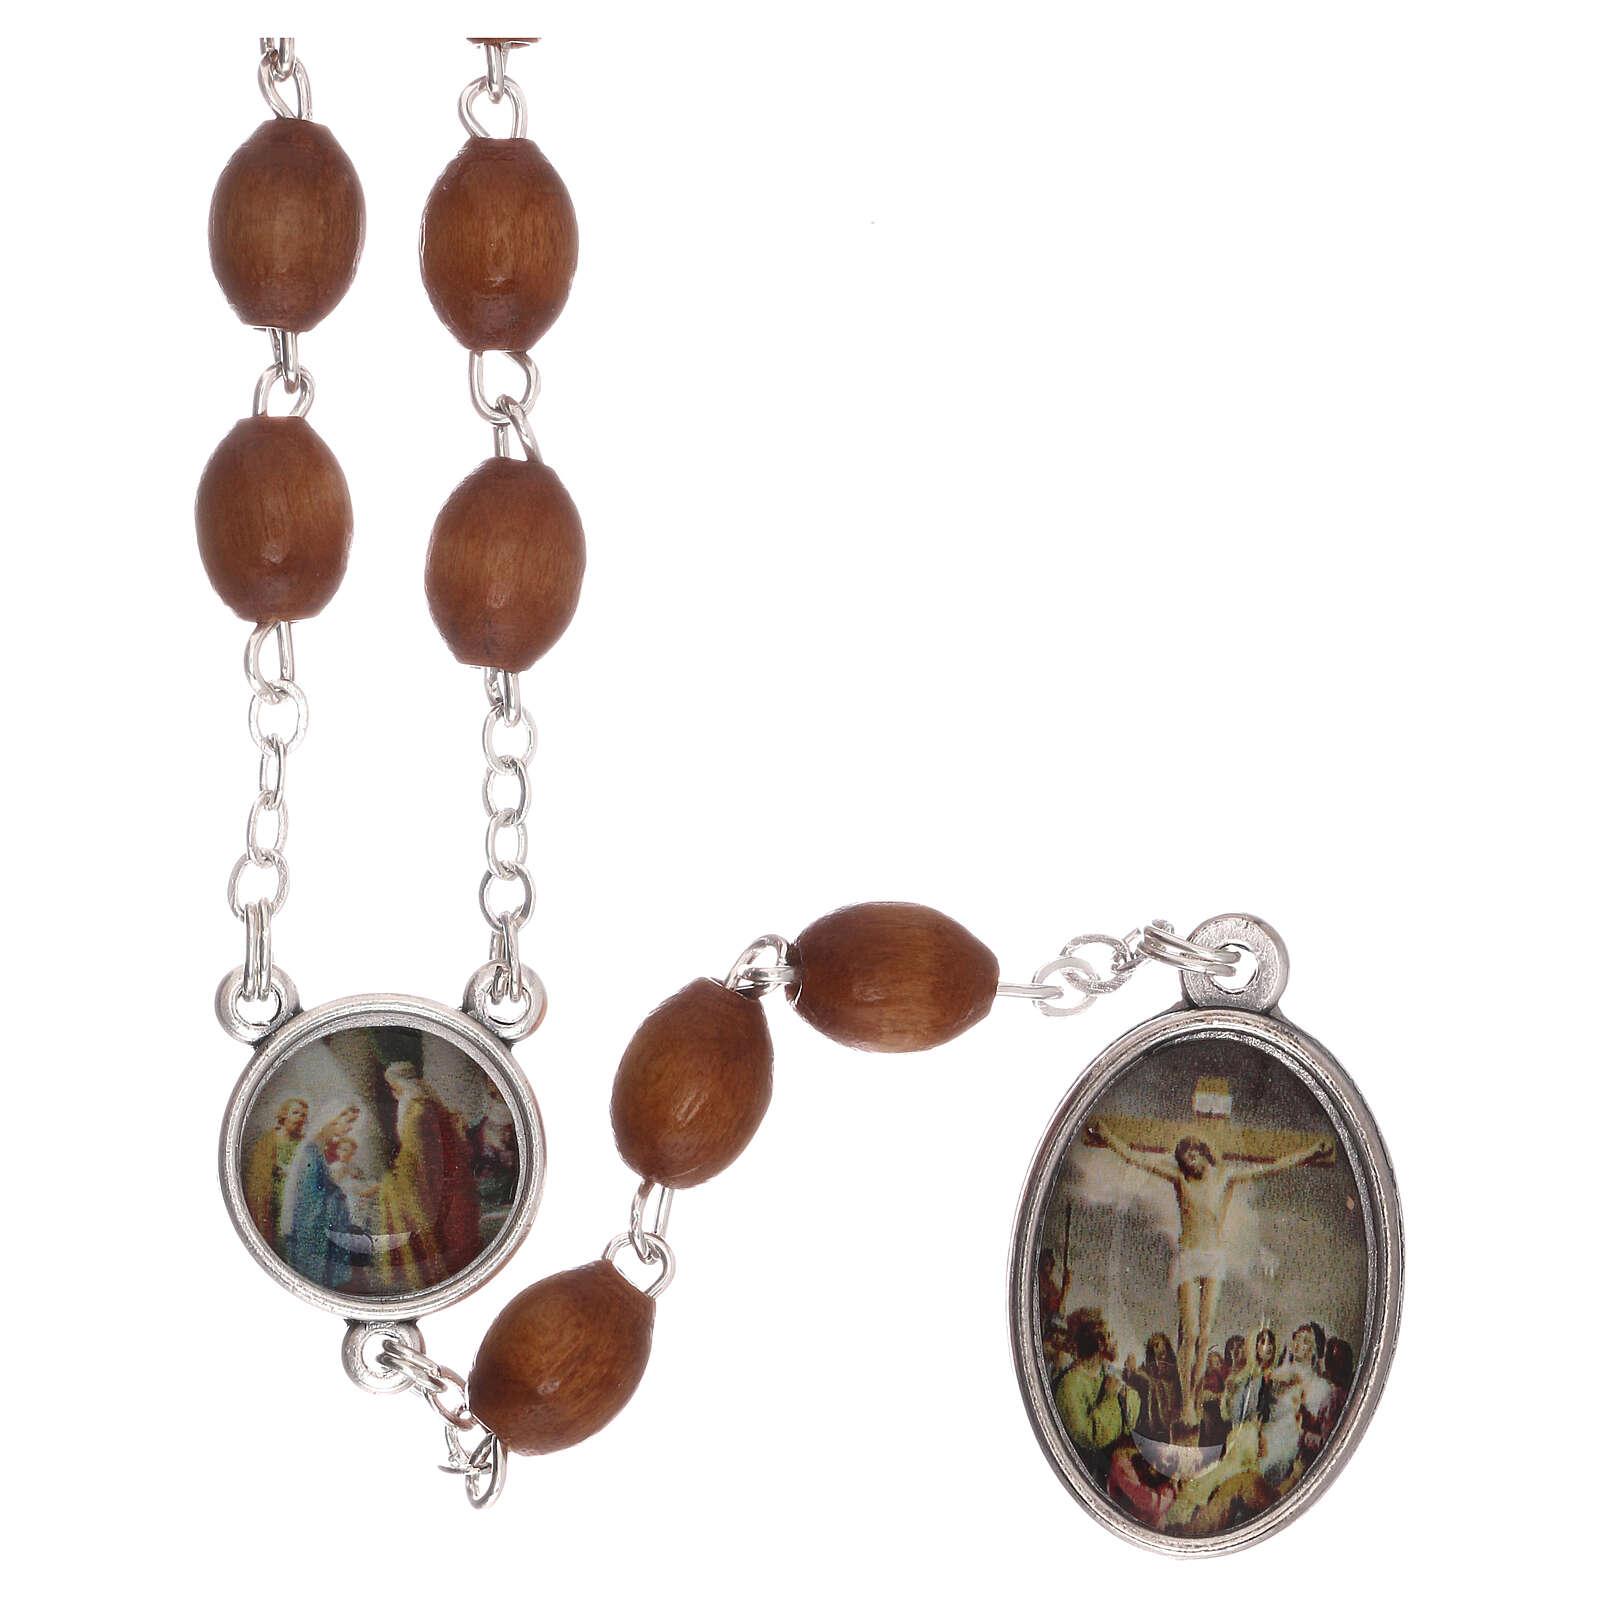 Chapelet de Notre-Dame des Sept Douleurs chaîne métal 4